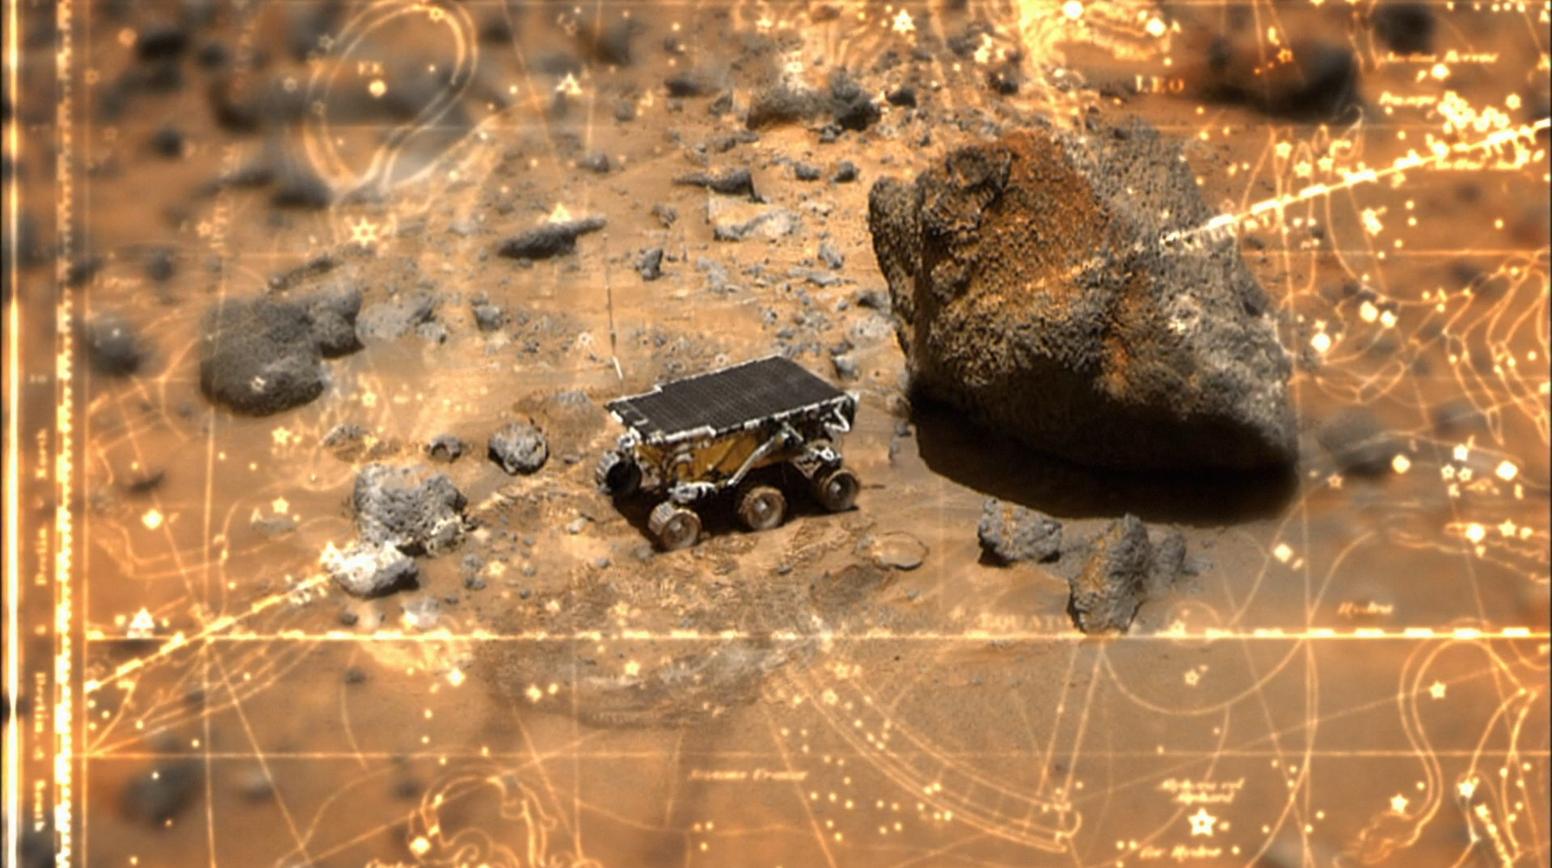 Mars Sojourner in Enterprise opening - Vox Sola Enterprise Star Trek Enterprise Season 1 Blu-ray Review